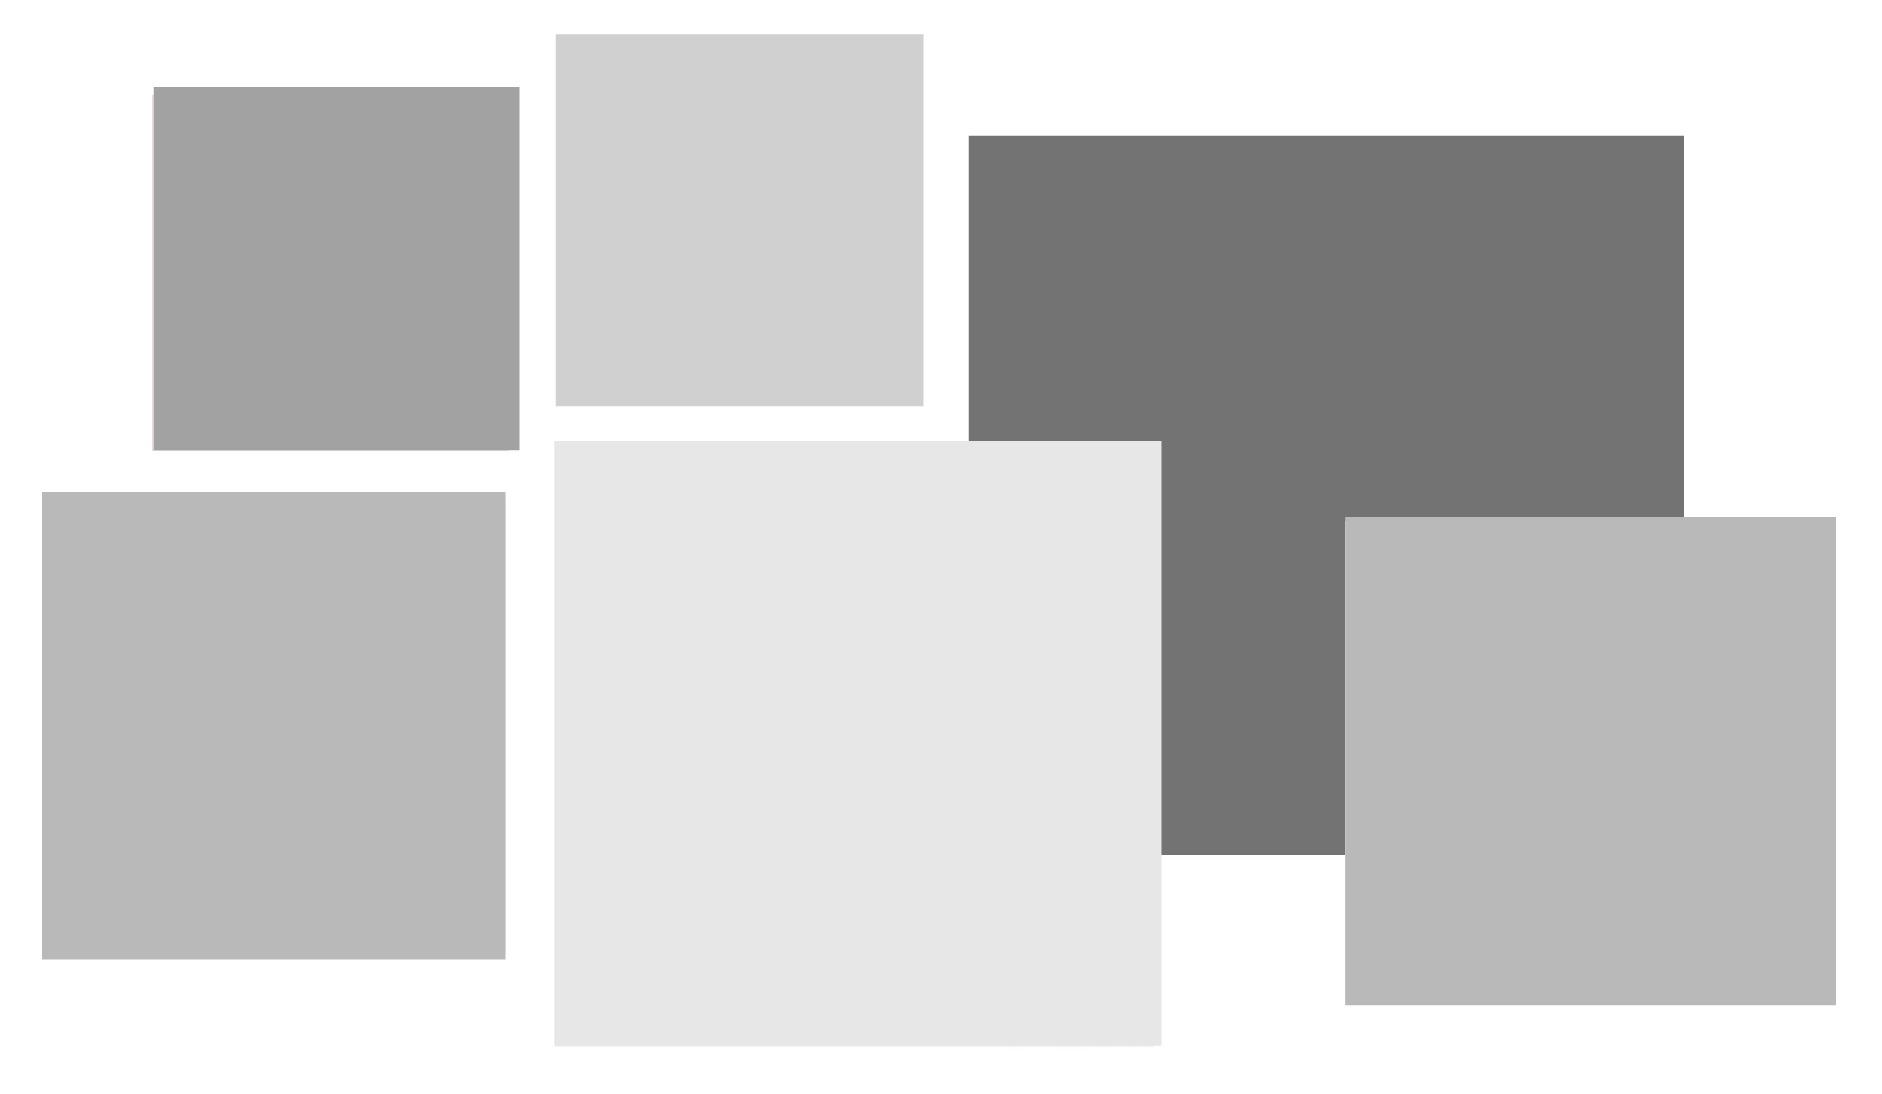 Eskaro värikartta 6 vinkkiä maalisävyn valintaan omakotivalkoinen